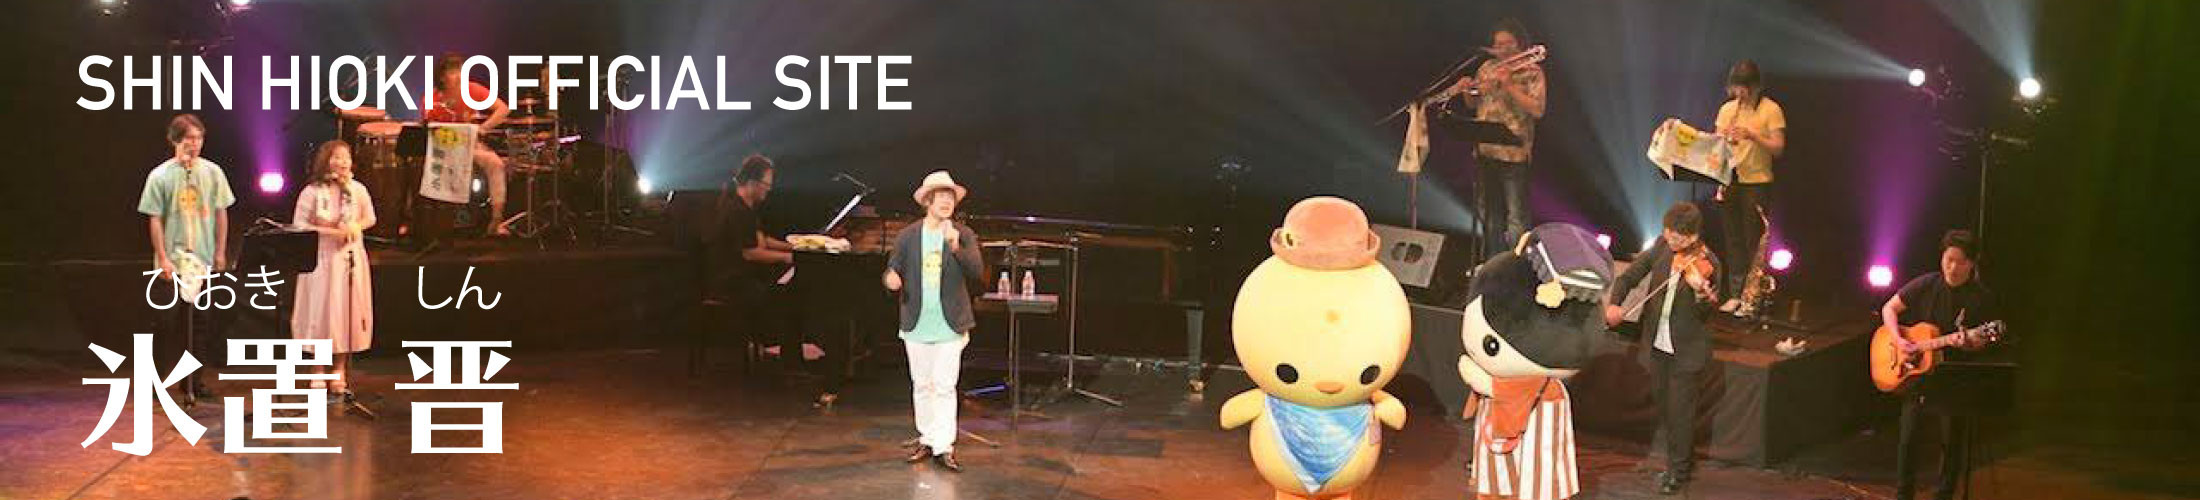 奈良県のシンガーソングライター・歌手・ピアニスト氷置晋